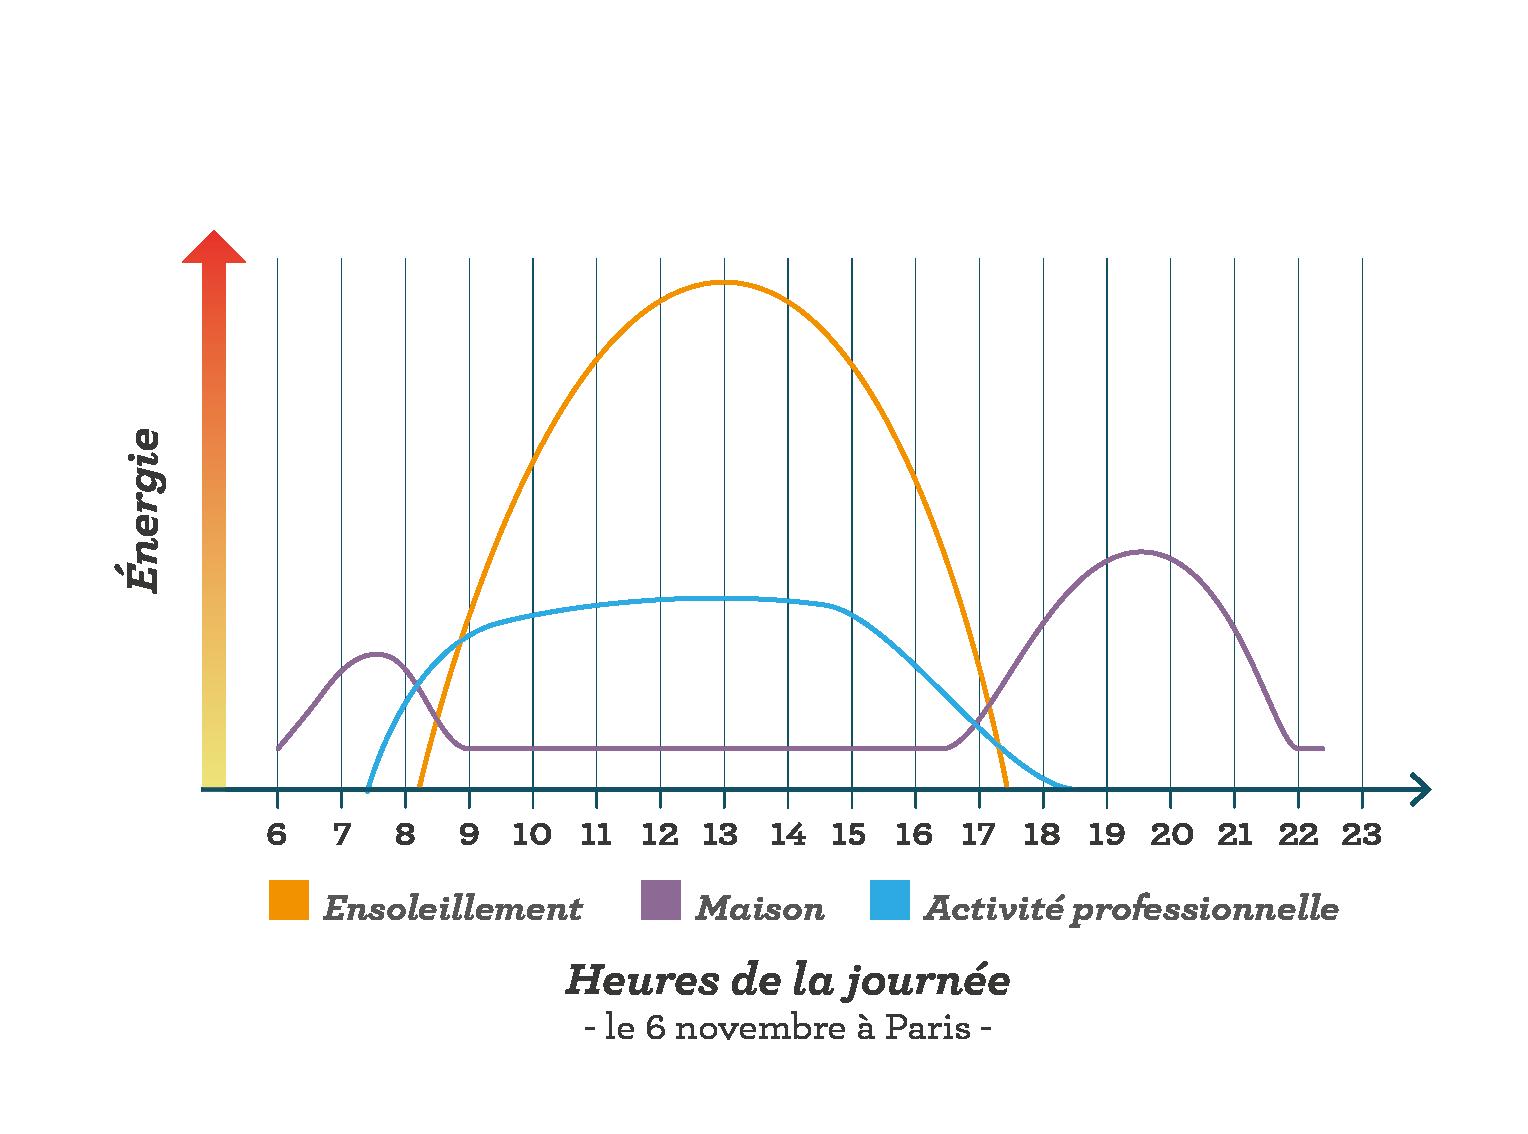 Bilan des besoins domestiques et apports en énergie solaire un 6 novembre à Paris